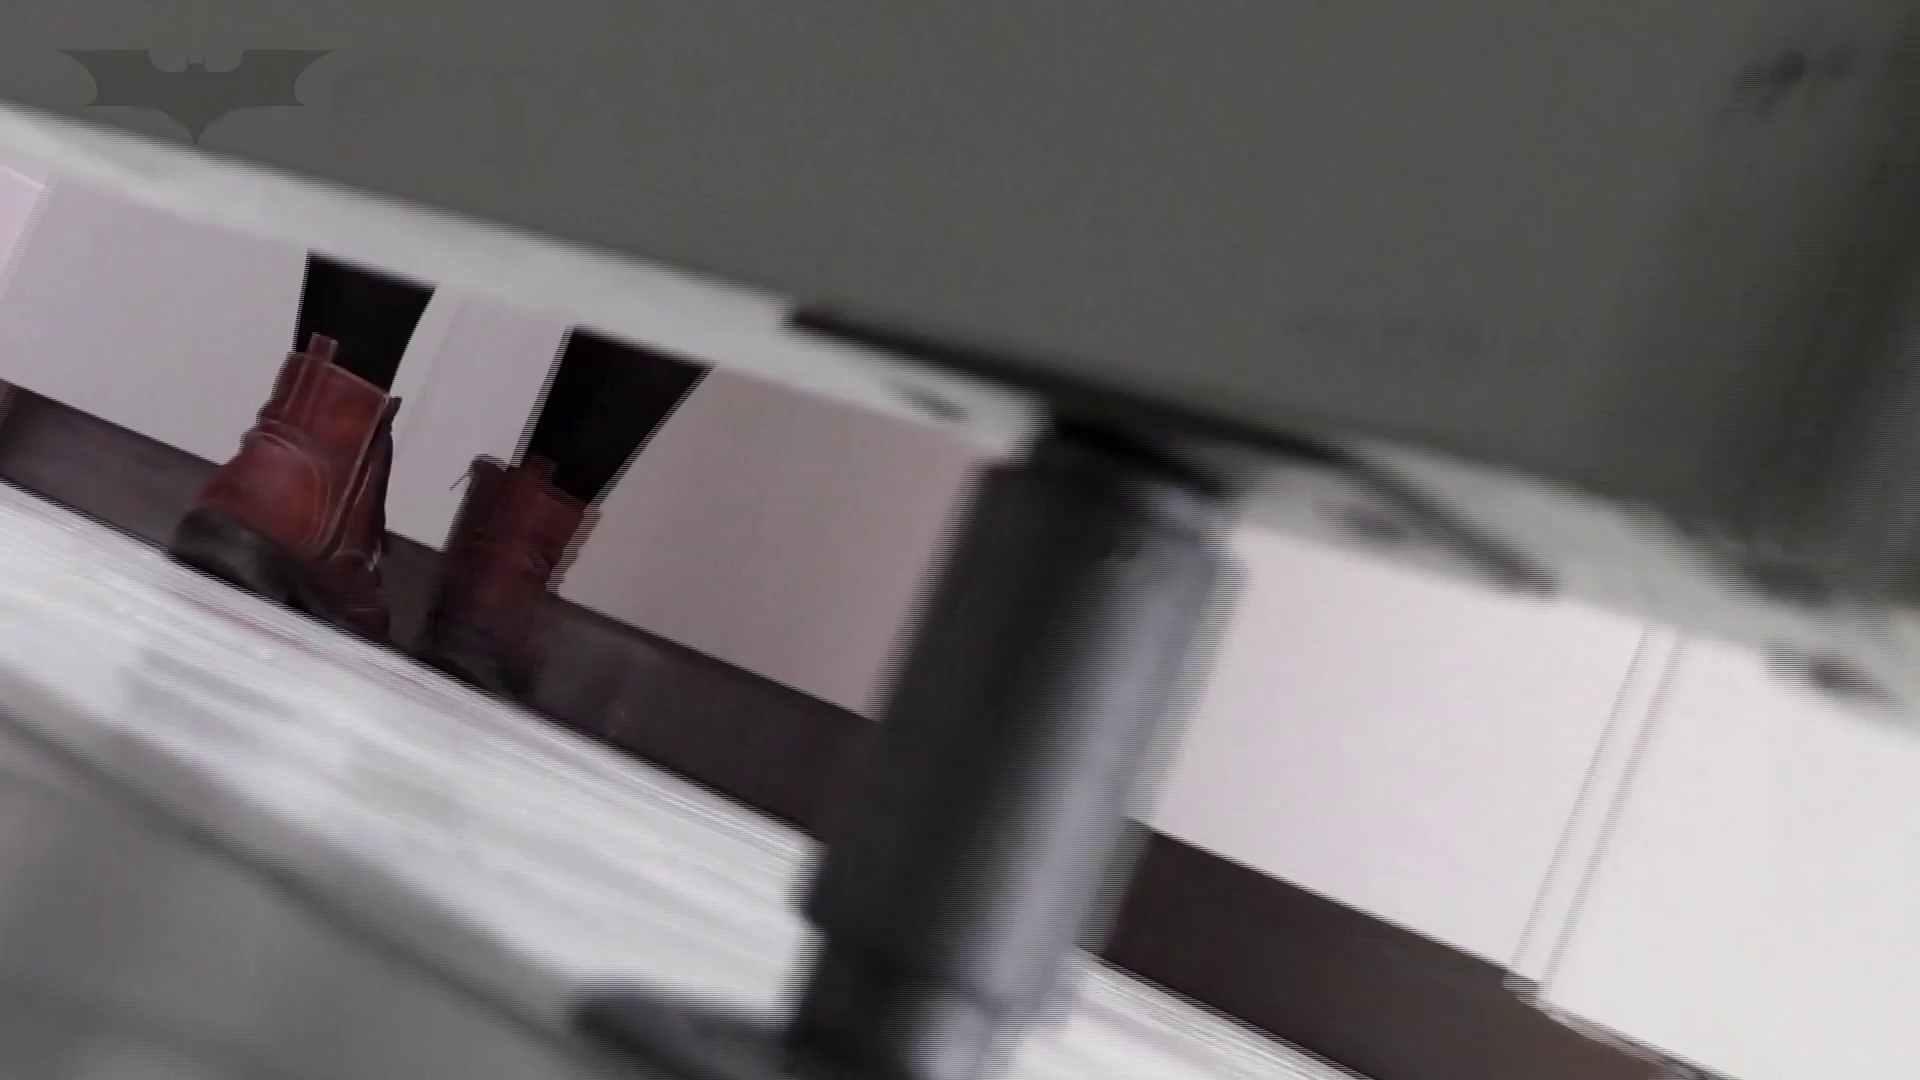 美しい日本の未来 No.36 進歩3連続作戦【2015・28位】 盗撮エロすぎ | おまんこ無修正  28連発 13